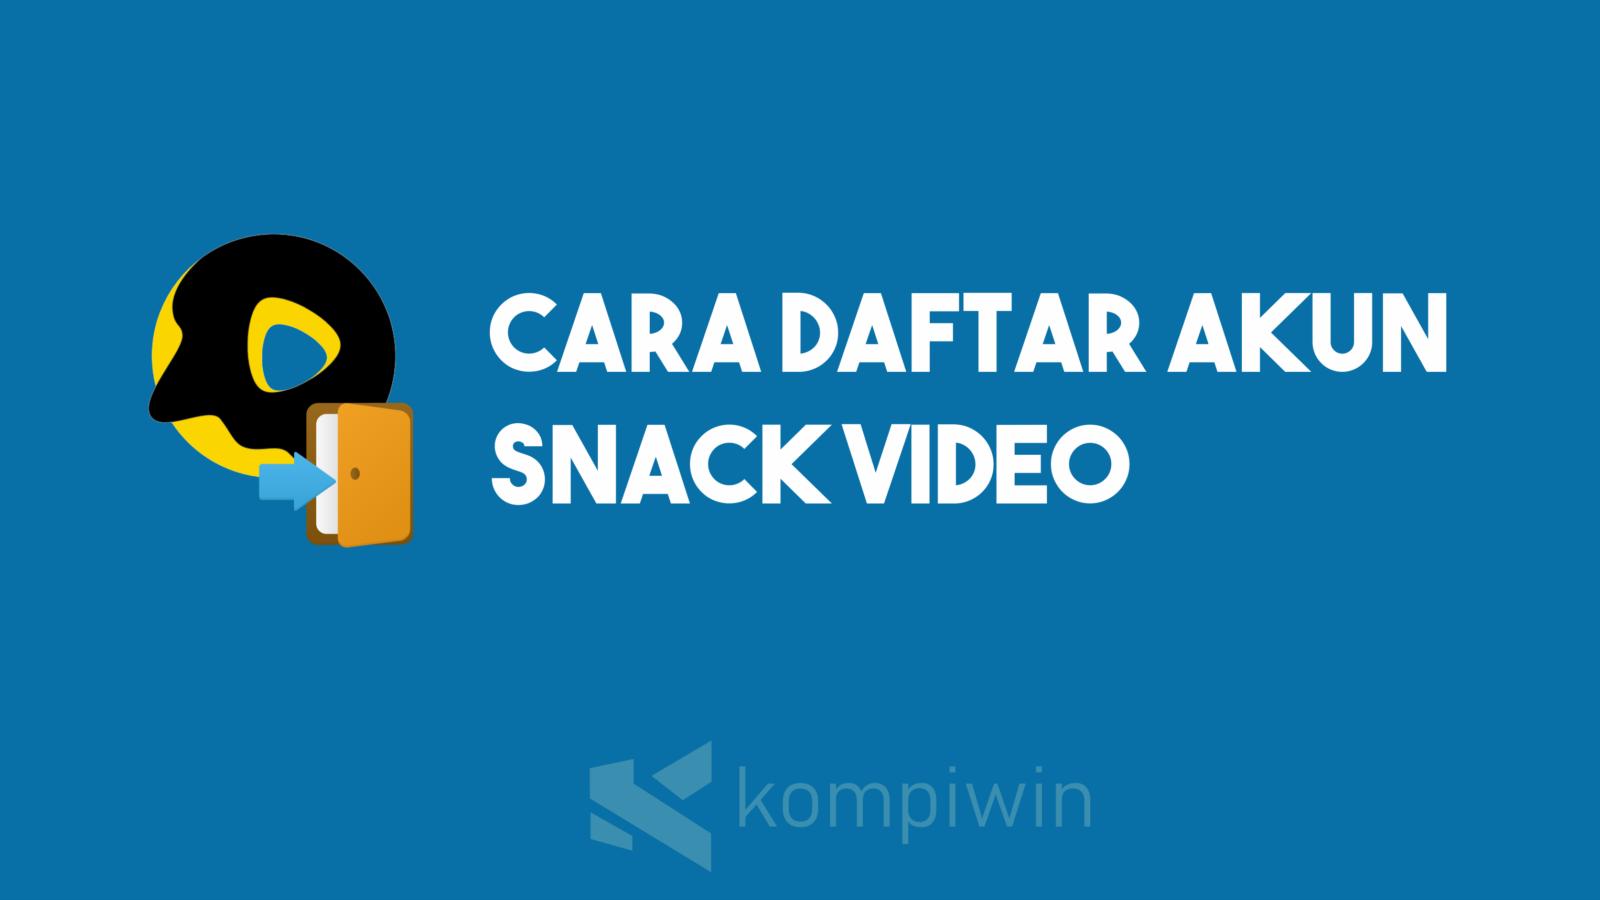 Cara Daftar Akun Snack Video 4